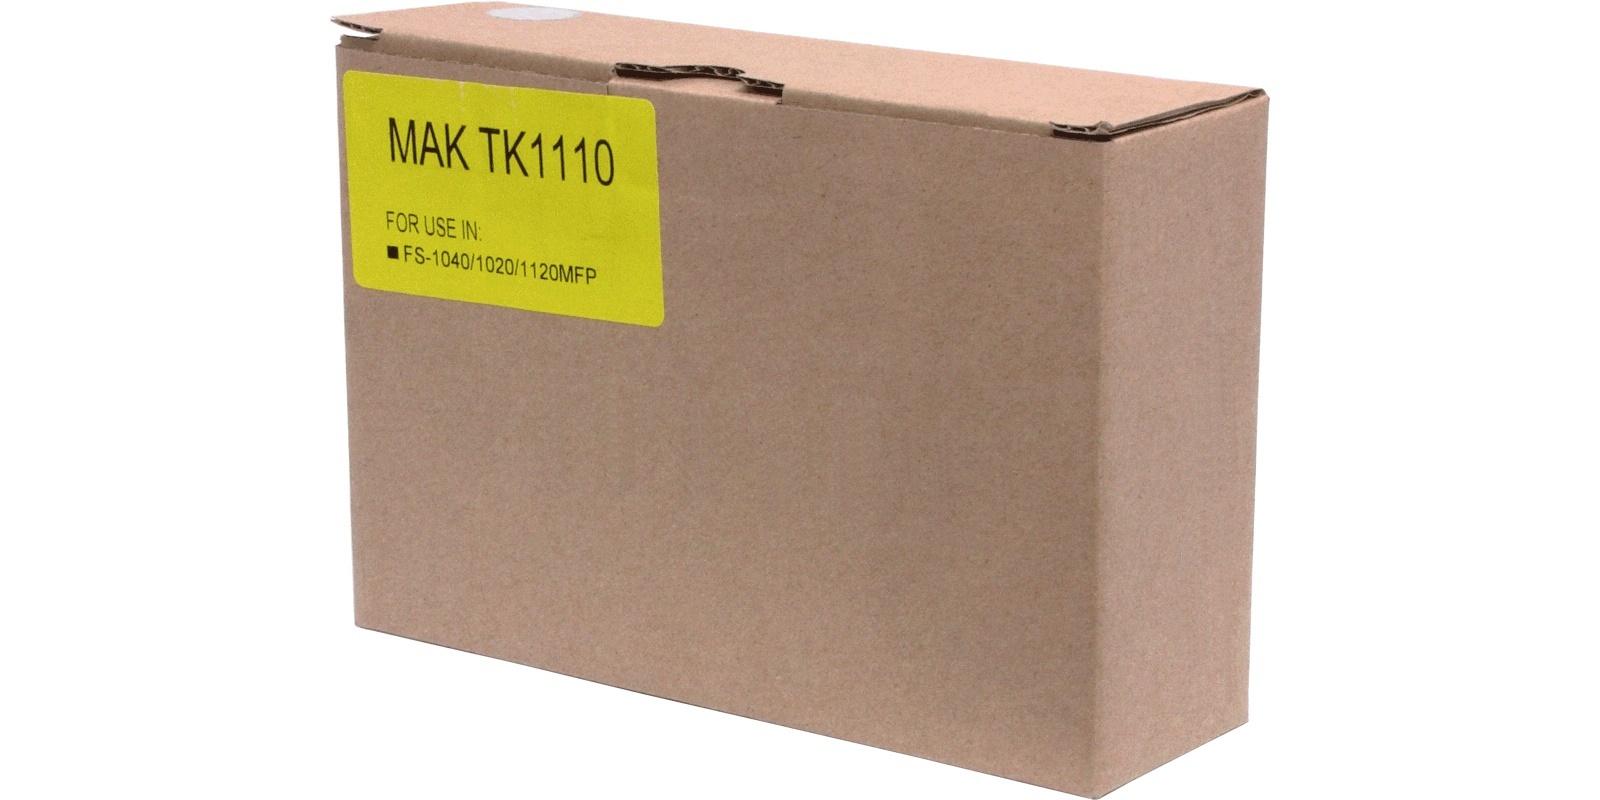 Kyocera MAK TK-1110, черный, чип в комплекте, до 2500 стр.